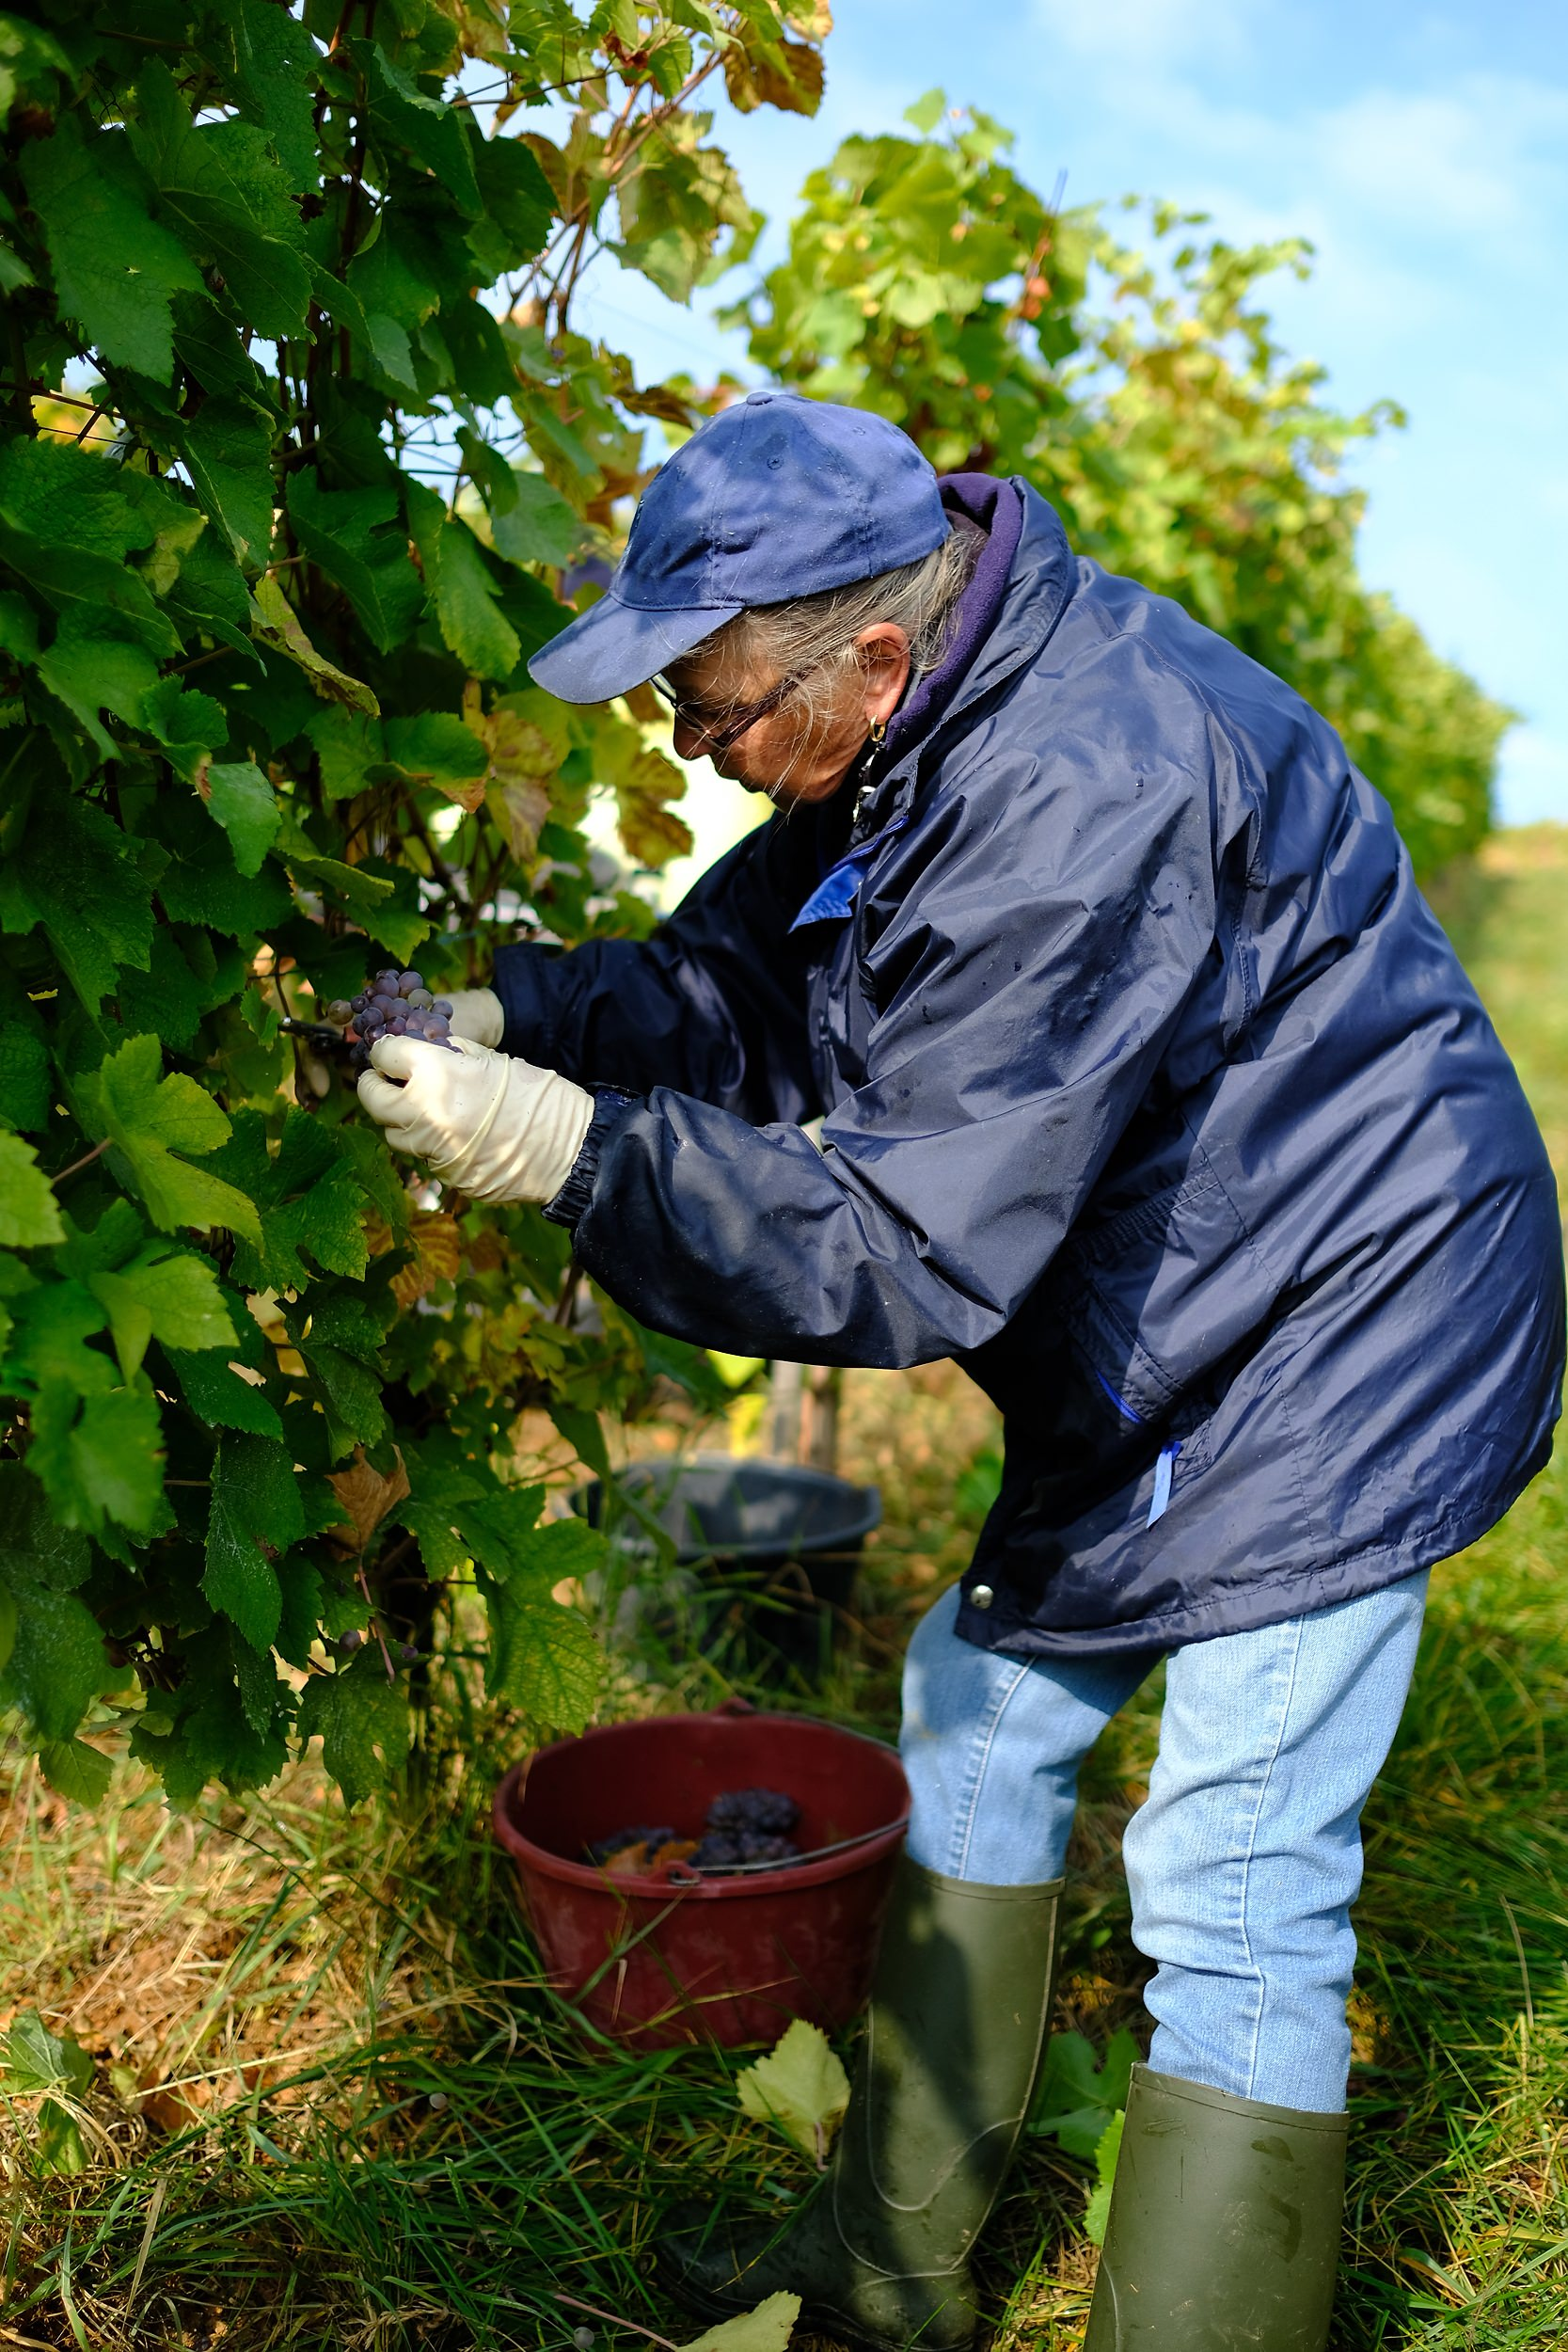 fotoreportage-wijn produceren-Vignoble des 2 lunes-Bosman Wijnkopers-459.jpg